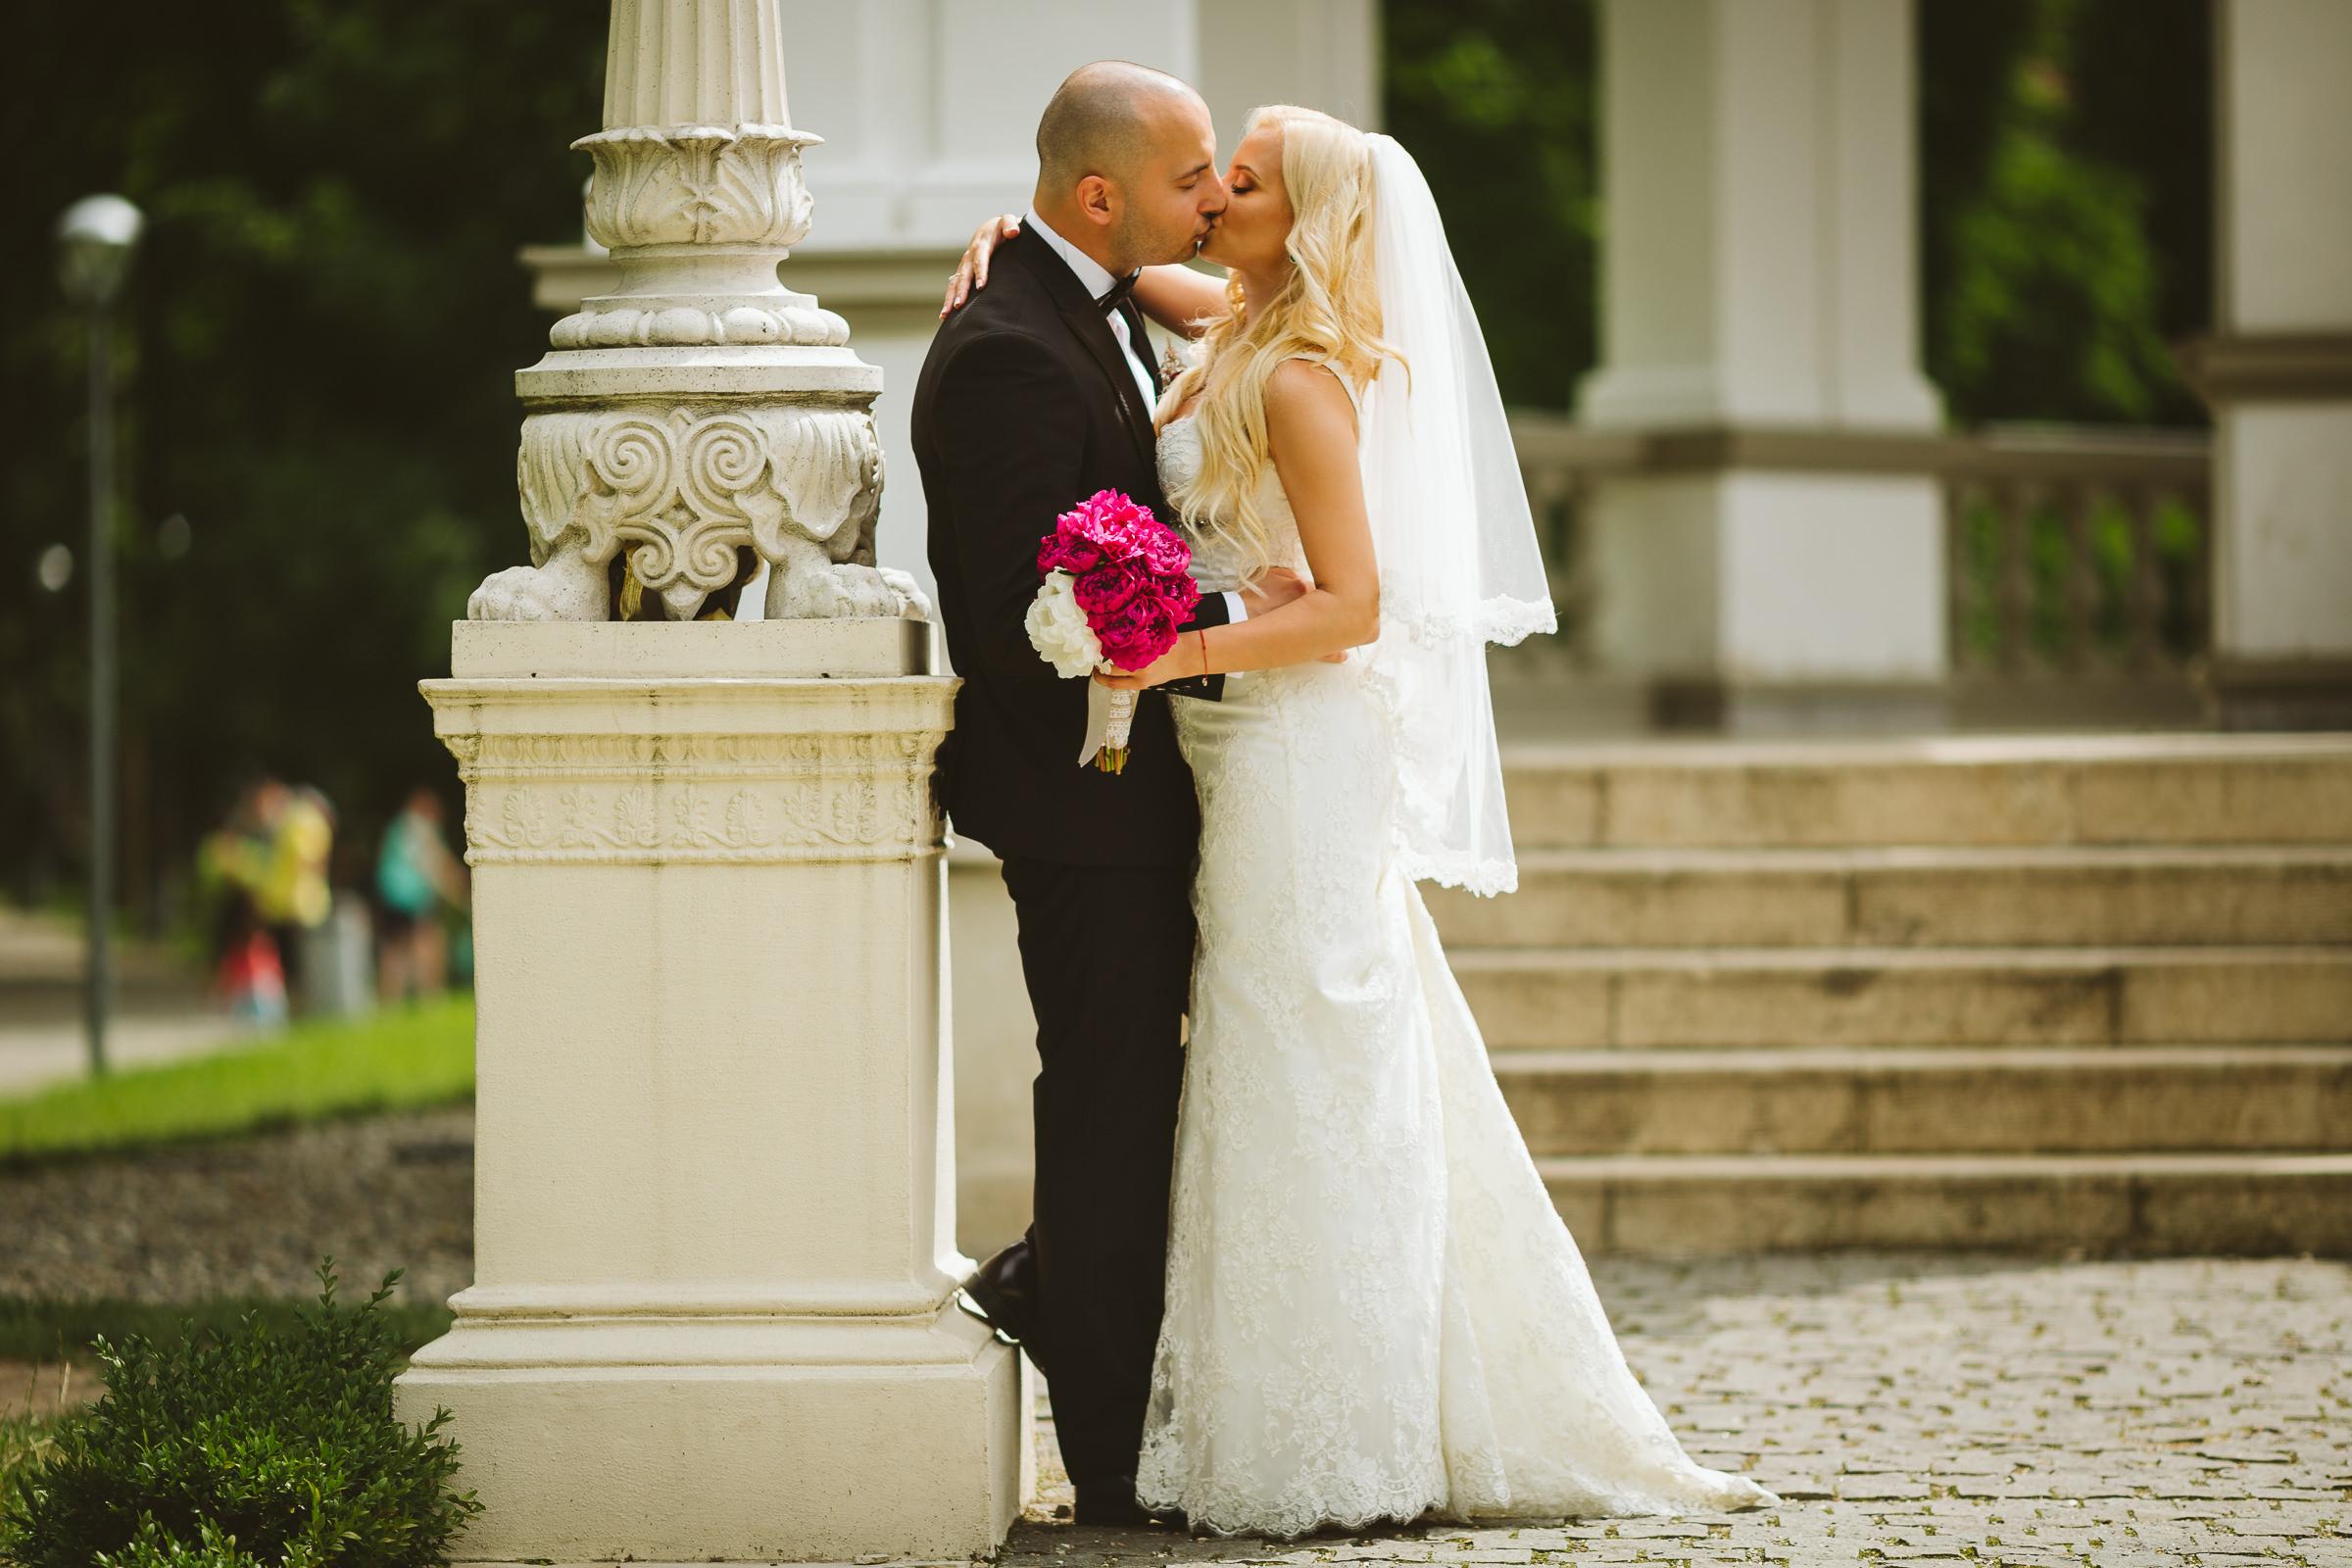 fotografi de nunta cluj